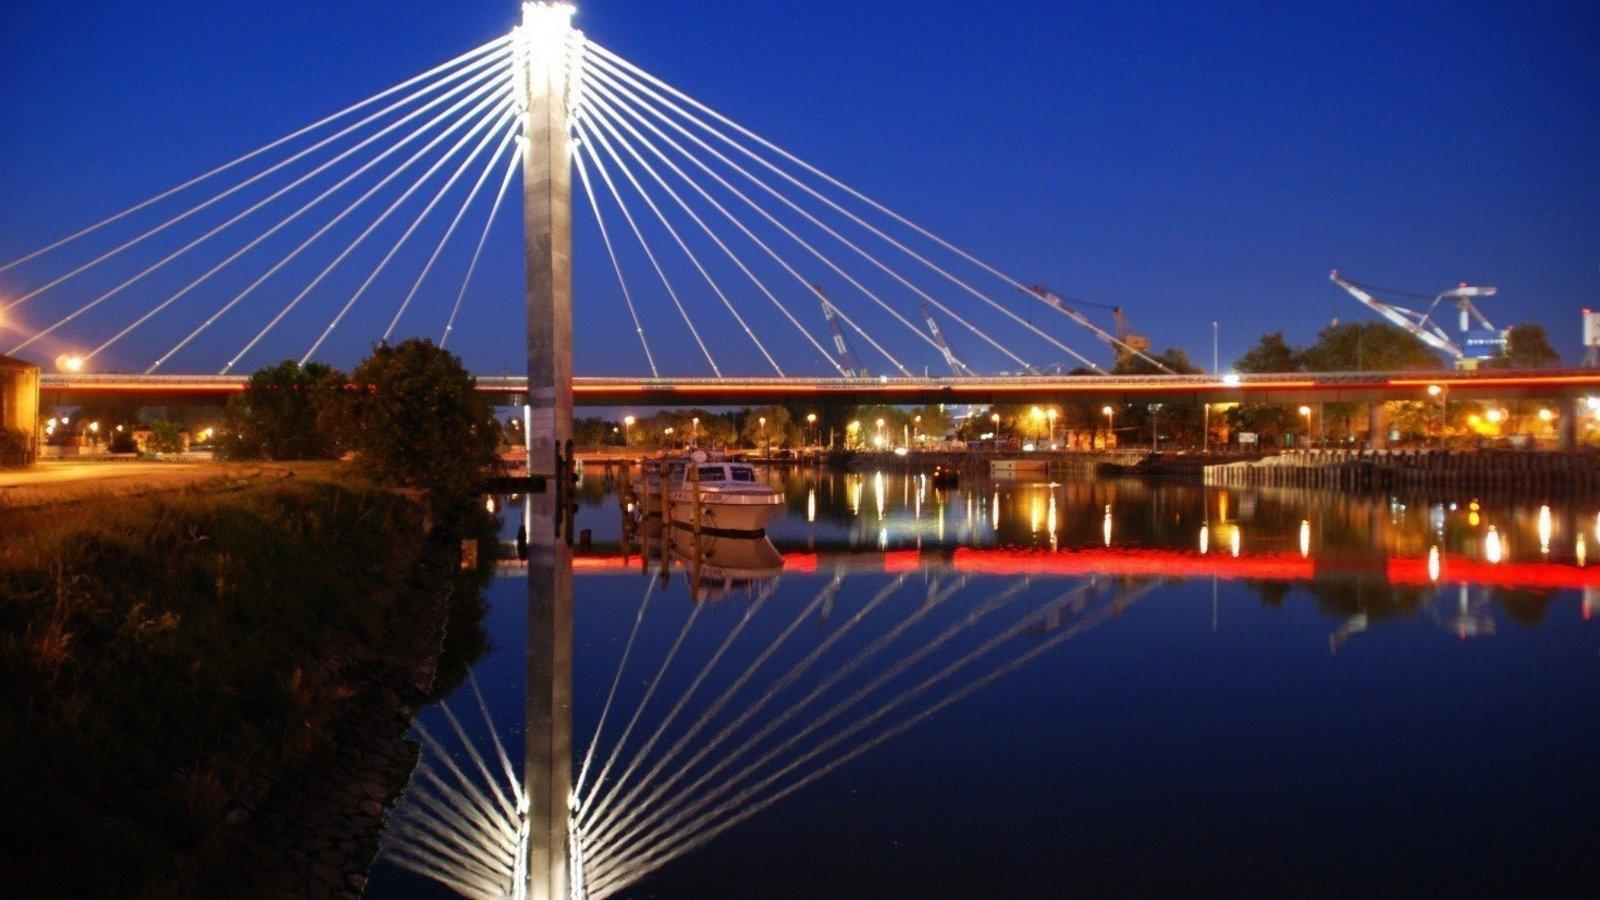 ponte strallato porto marghera - fonte maeg costruzioni.jpg